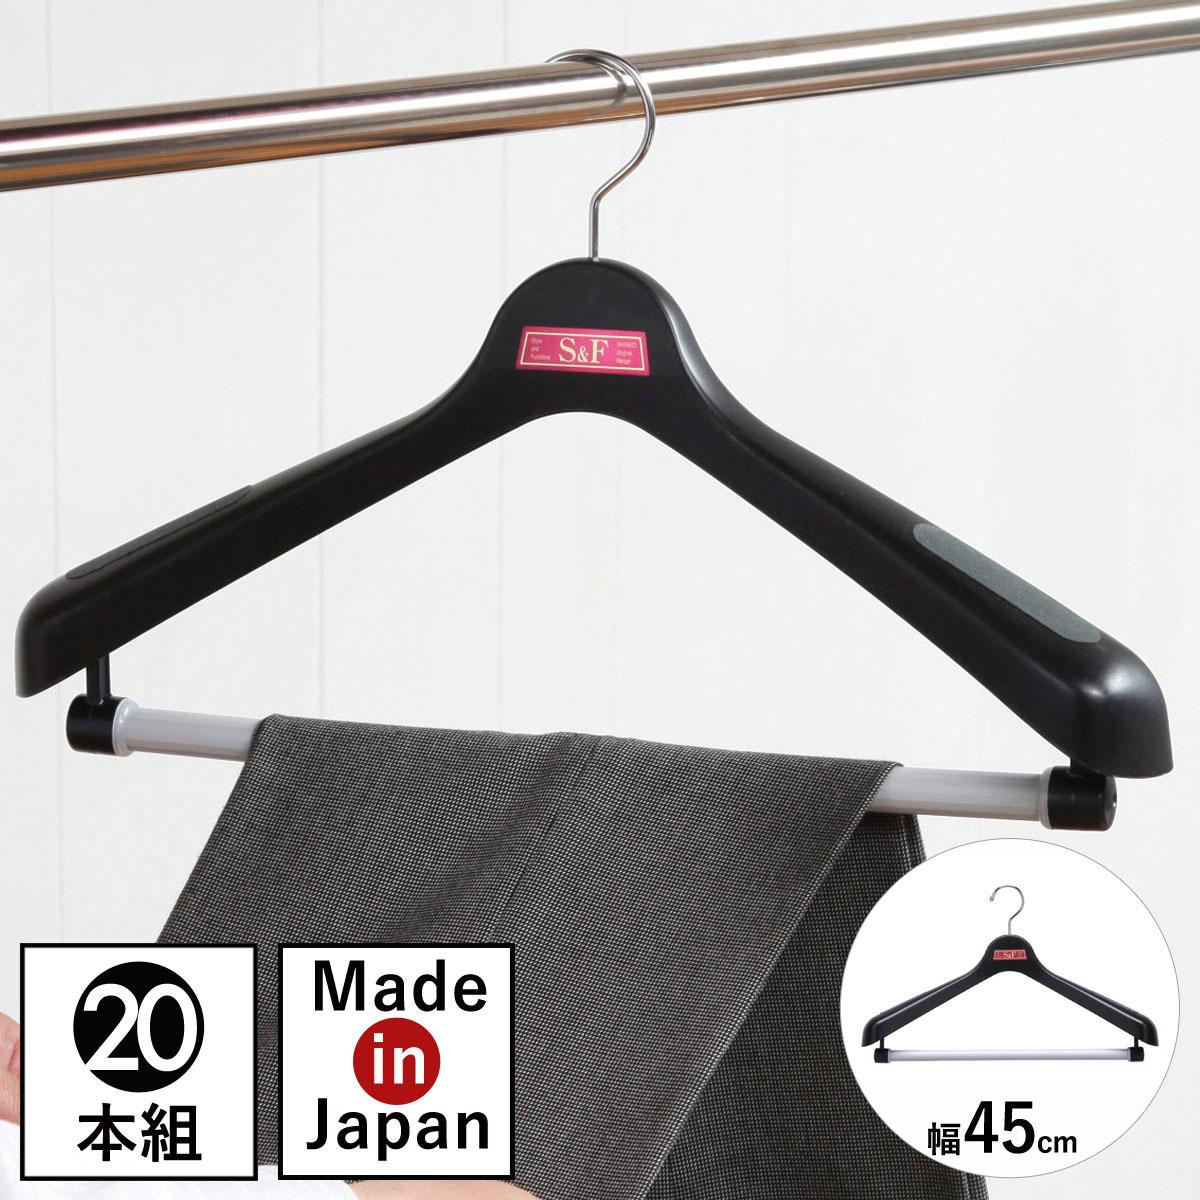 【最大2,000円OFFクーポン】ハンガー 収納 おしゃれ ジャケットハンガー 肩幅45cm S&F ジャケット回転式45 20本セット